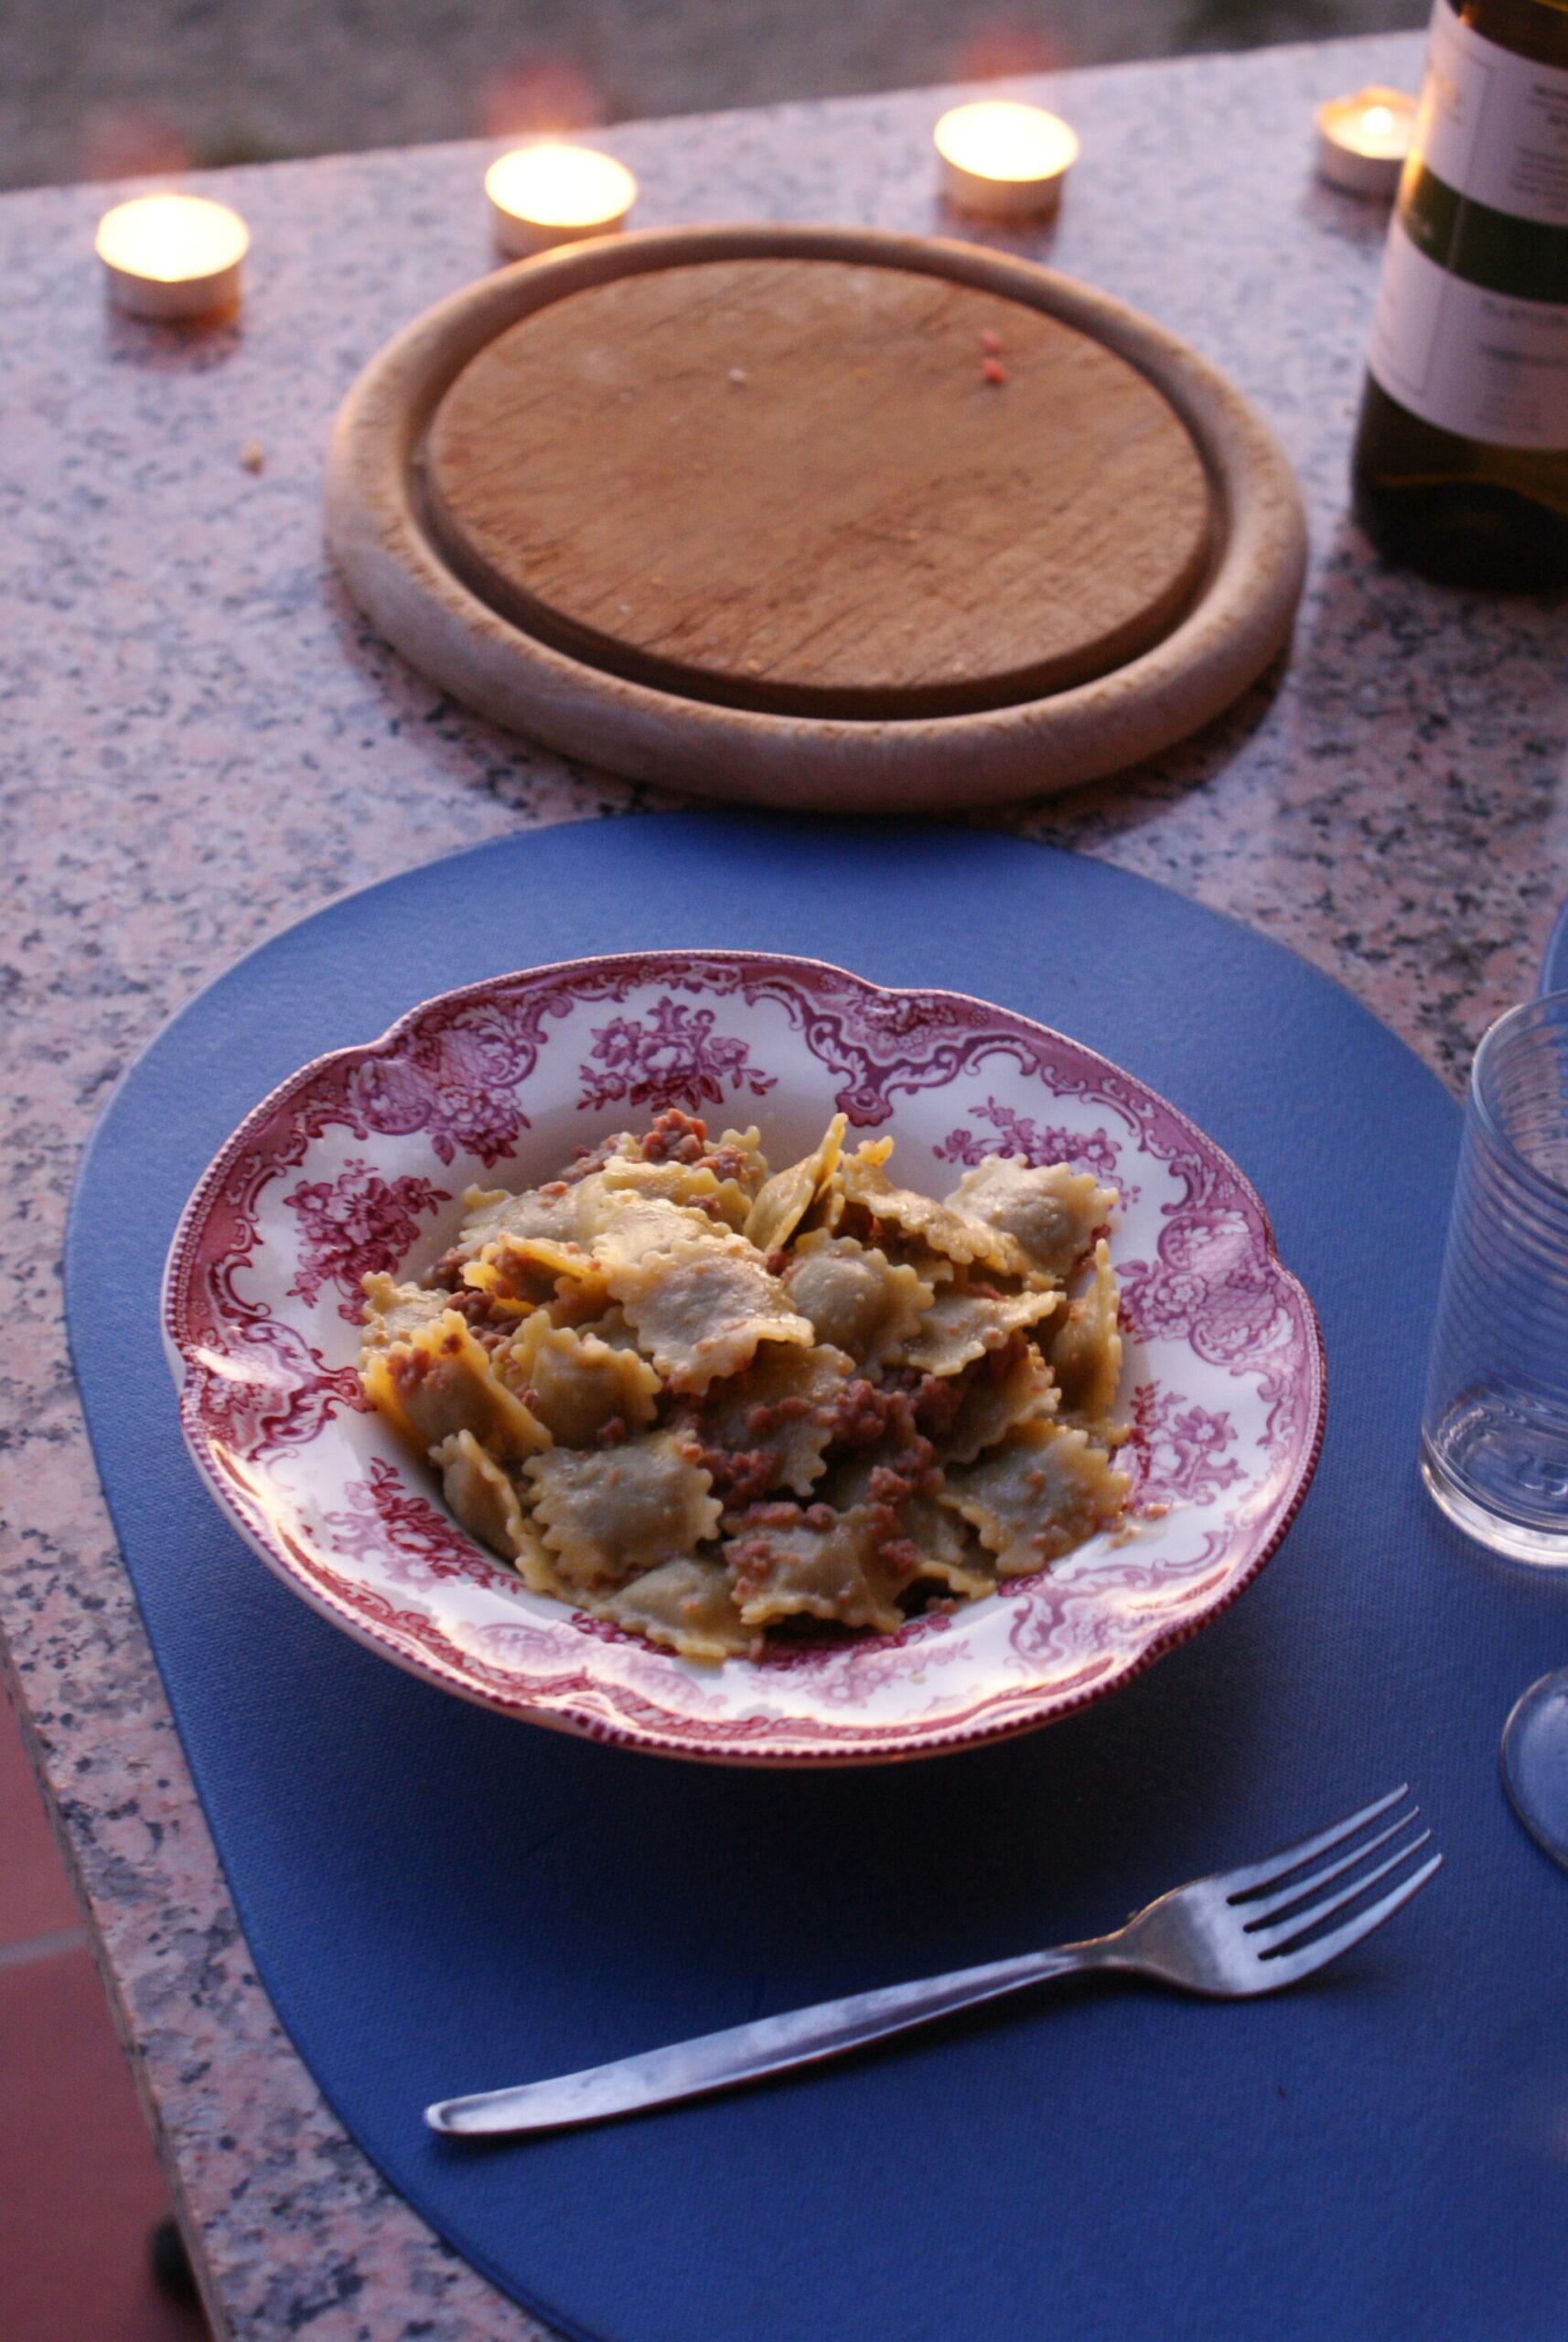 monferrato travel guide piemonte italy piedmont tips eat see do guida viaggio vedere mangiare fare turismo tourism trip francinesplaceblog agnolotti rondano moncalvo